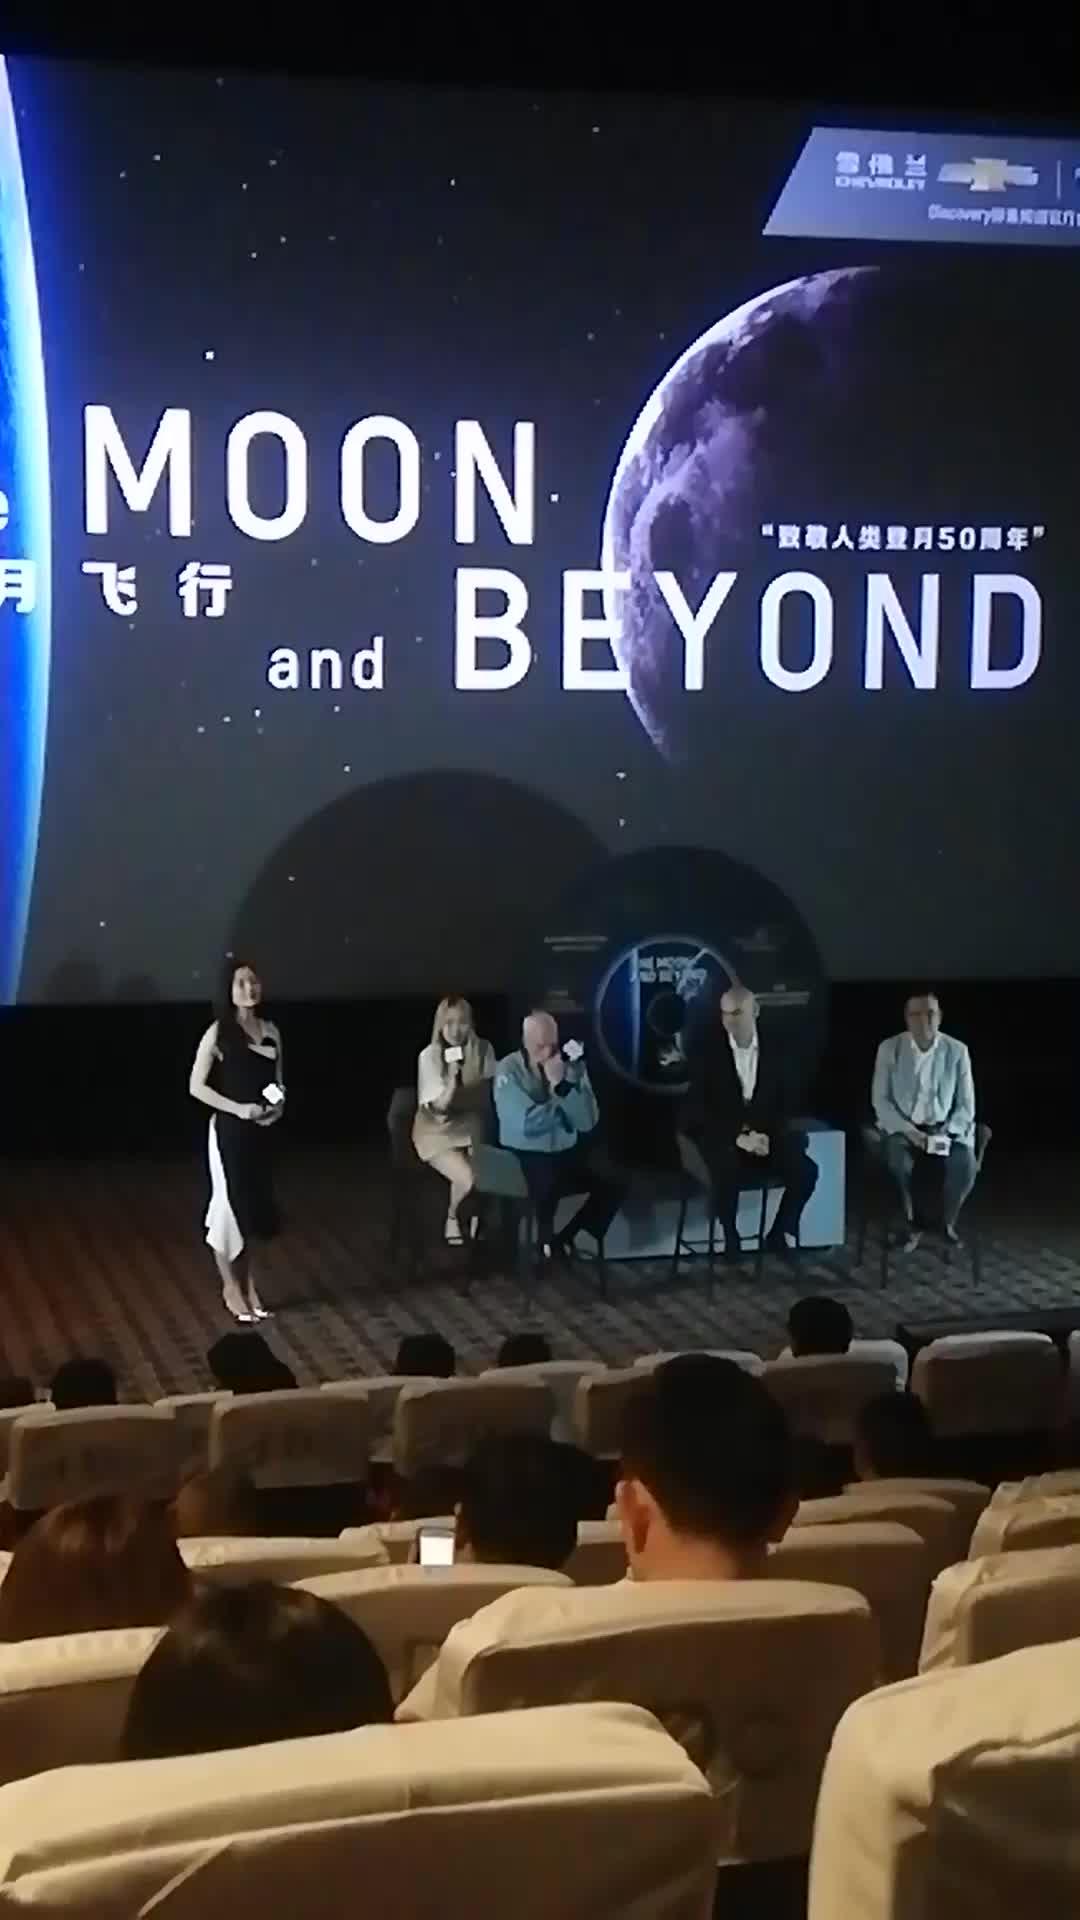 宇航员故事之一:阿波罗15号的沃尔登先生回忆入选过程。